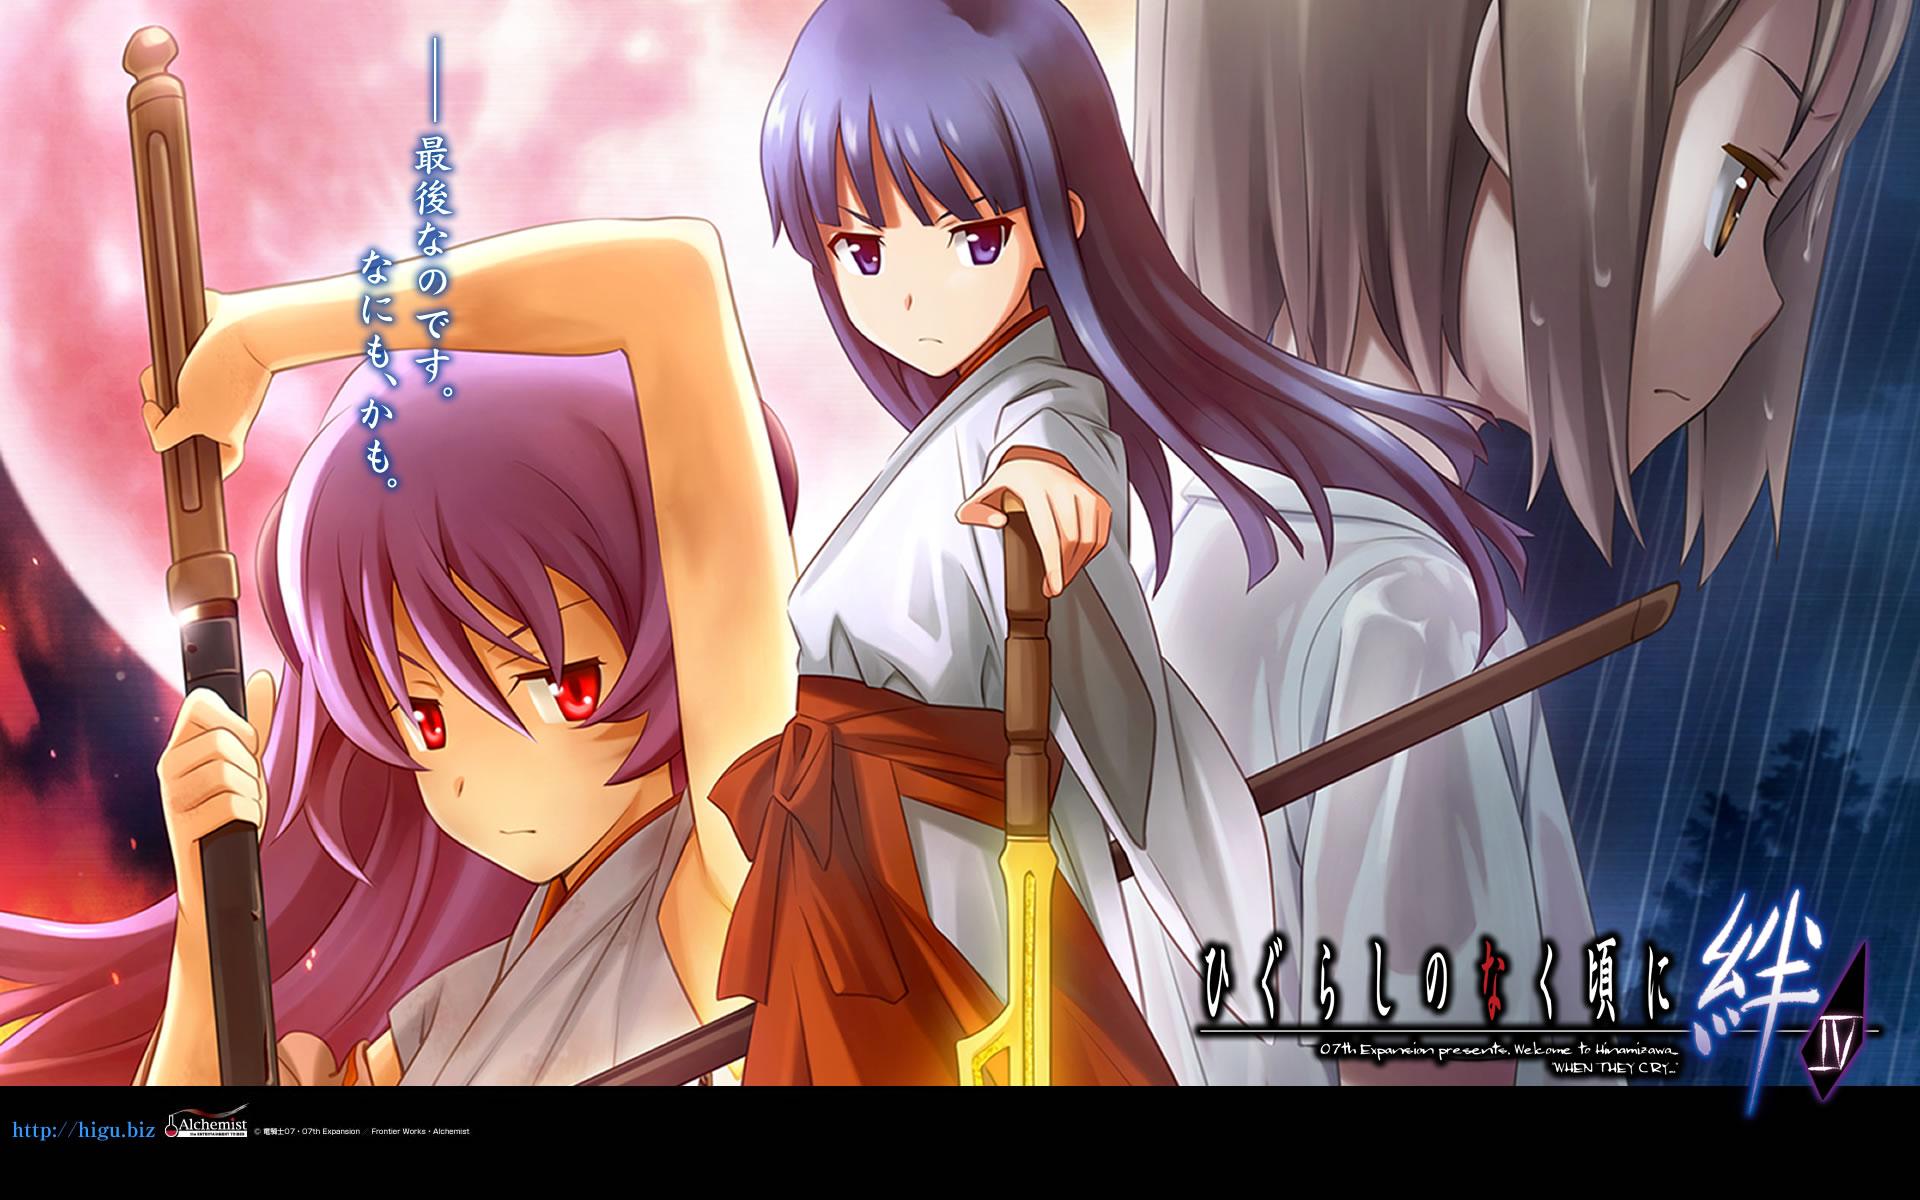 Higurashi No Naku Koro Ni Kizuna Zerochan Anime Image Board